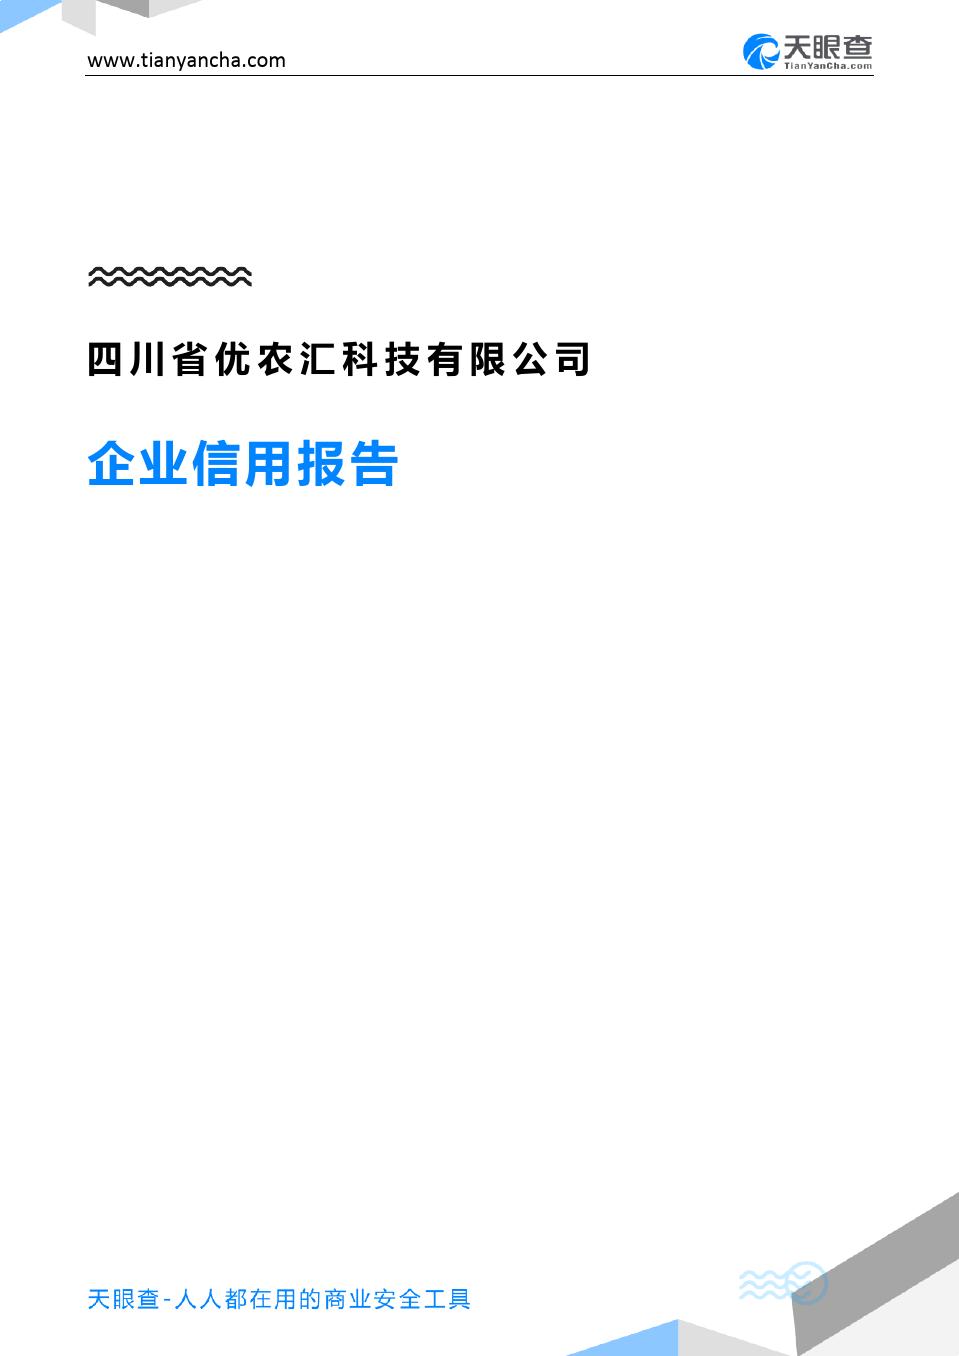 四川省優農匯科技有限公司(企業信用報告)- 天眼查